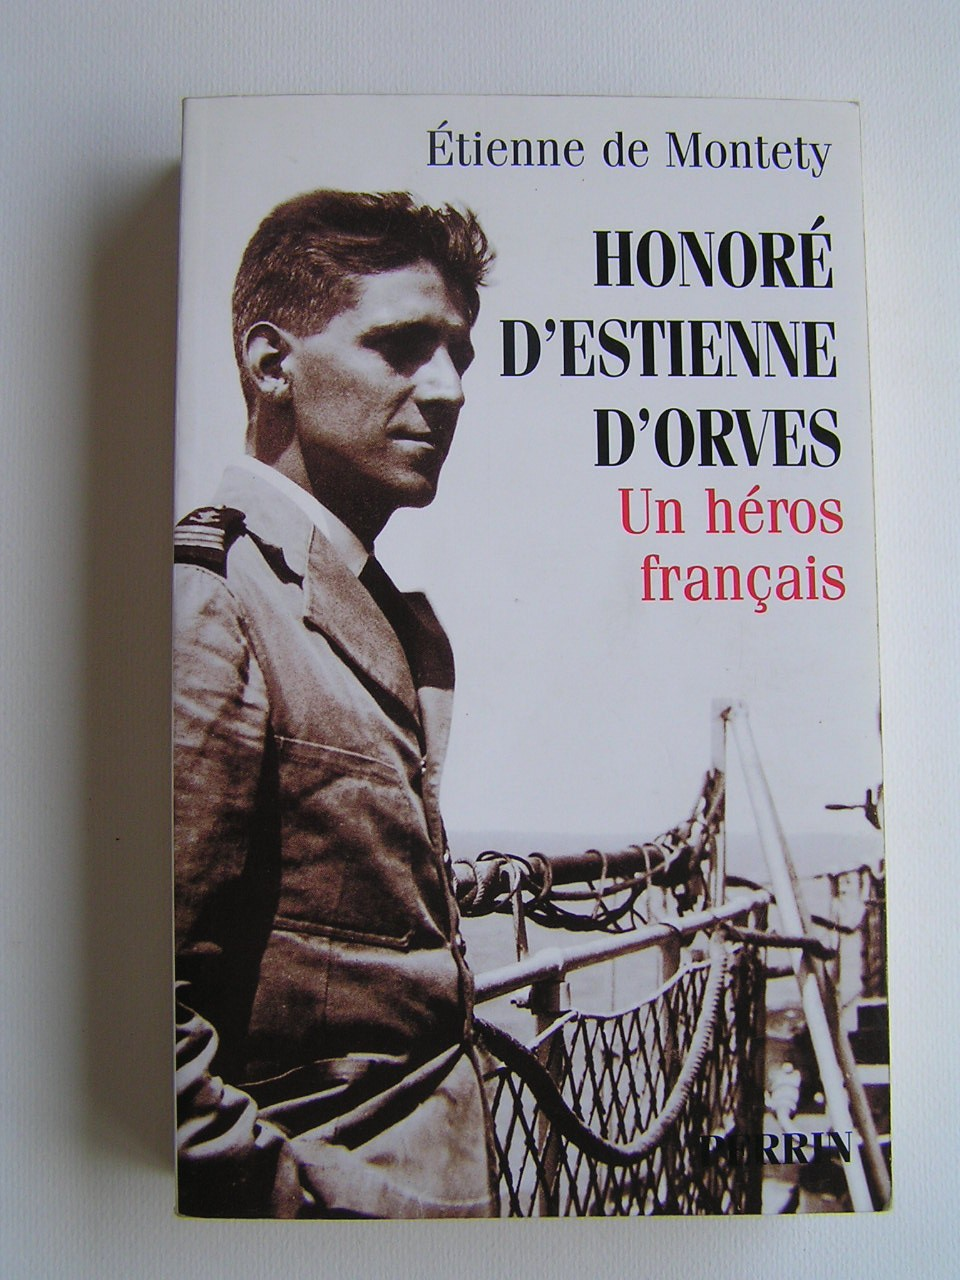 1941 Honore d Estienne d orves dieulois